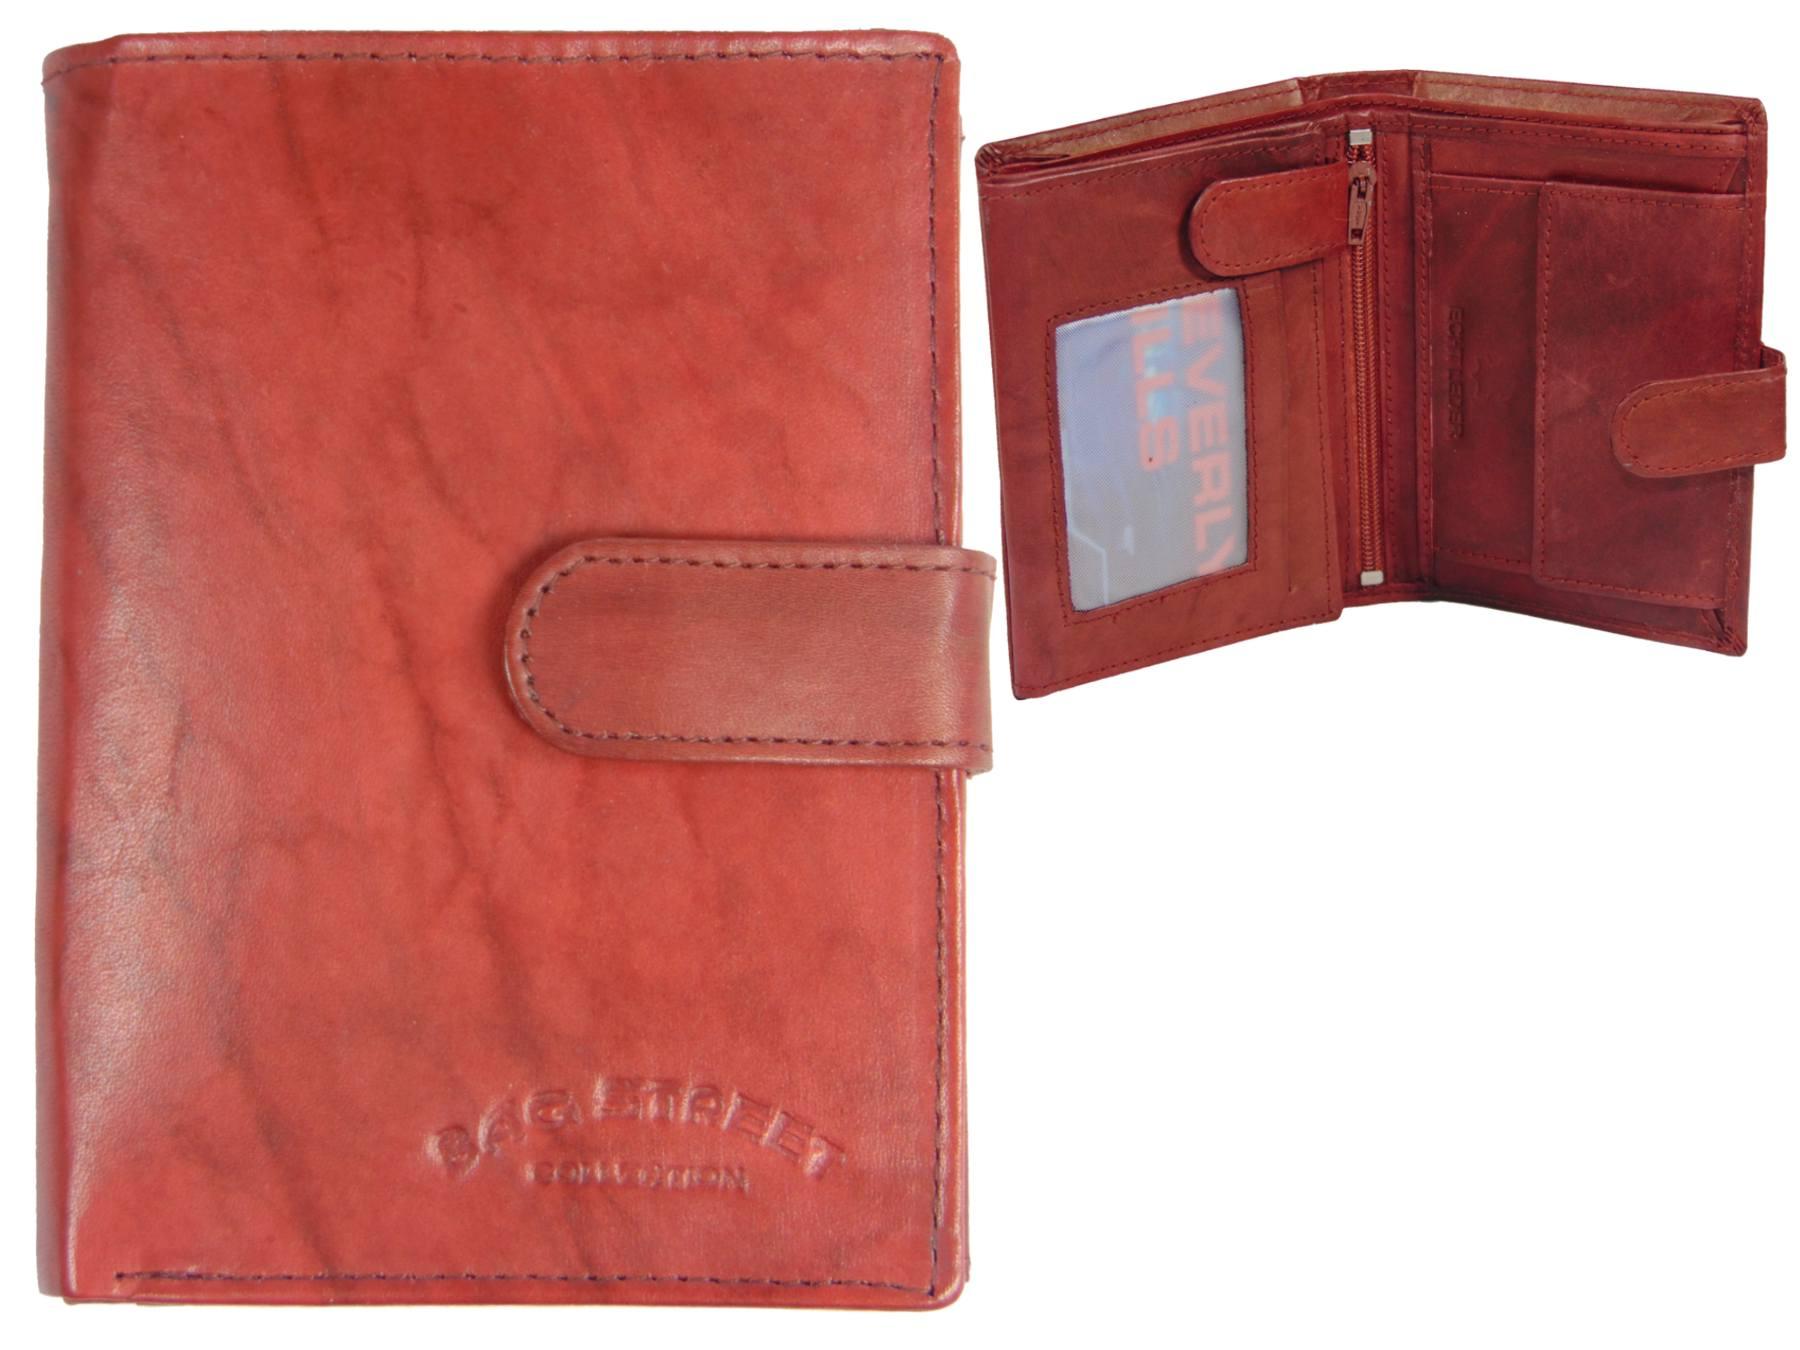 5b4d87cbb2e67 Tani portfel skórzany męski z zapięciem Kolory 6696589523 - Allegro.pl